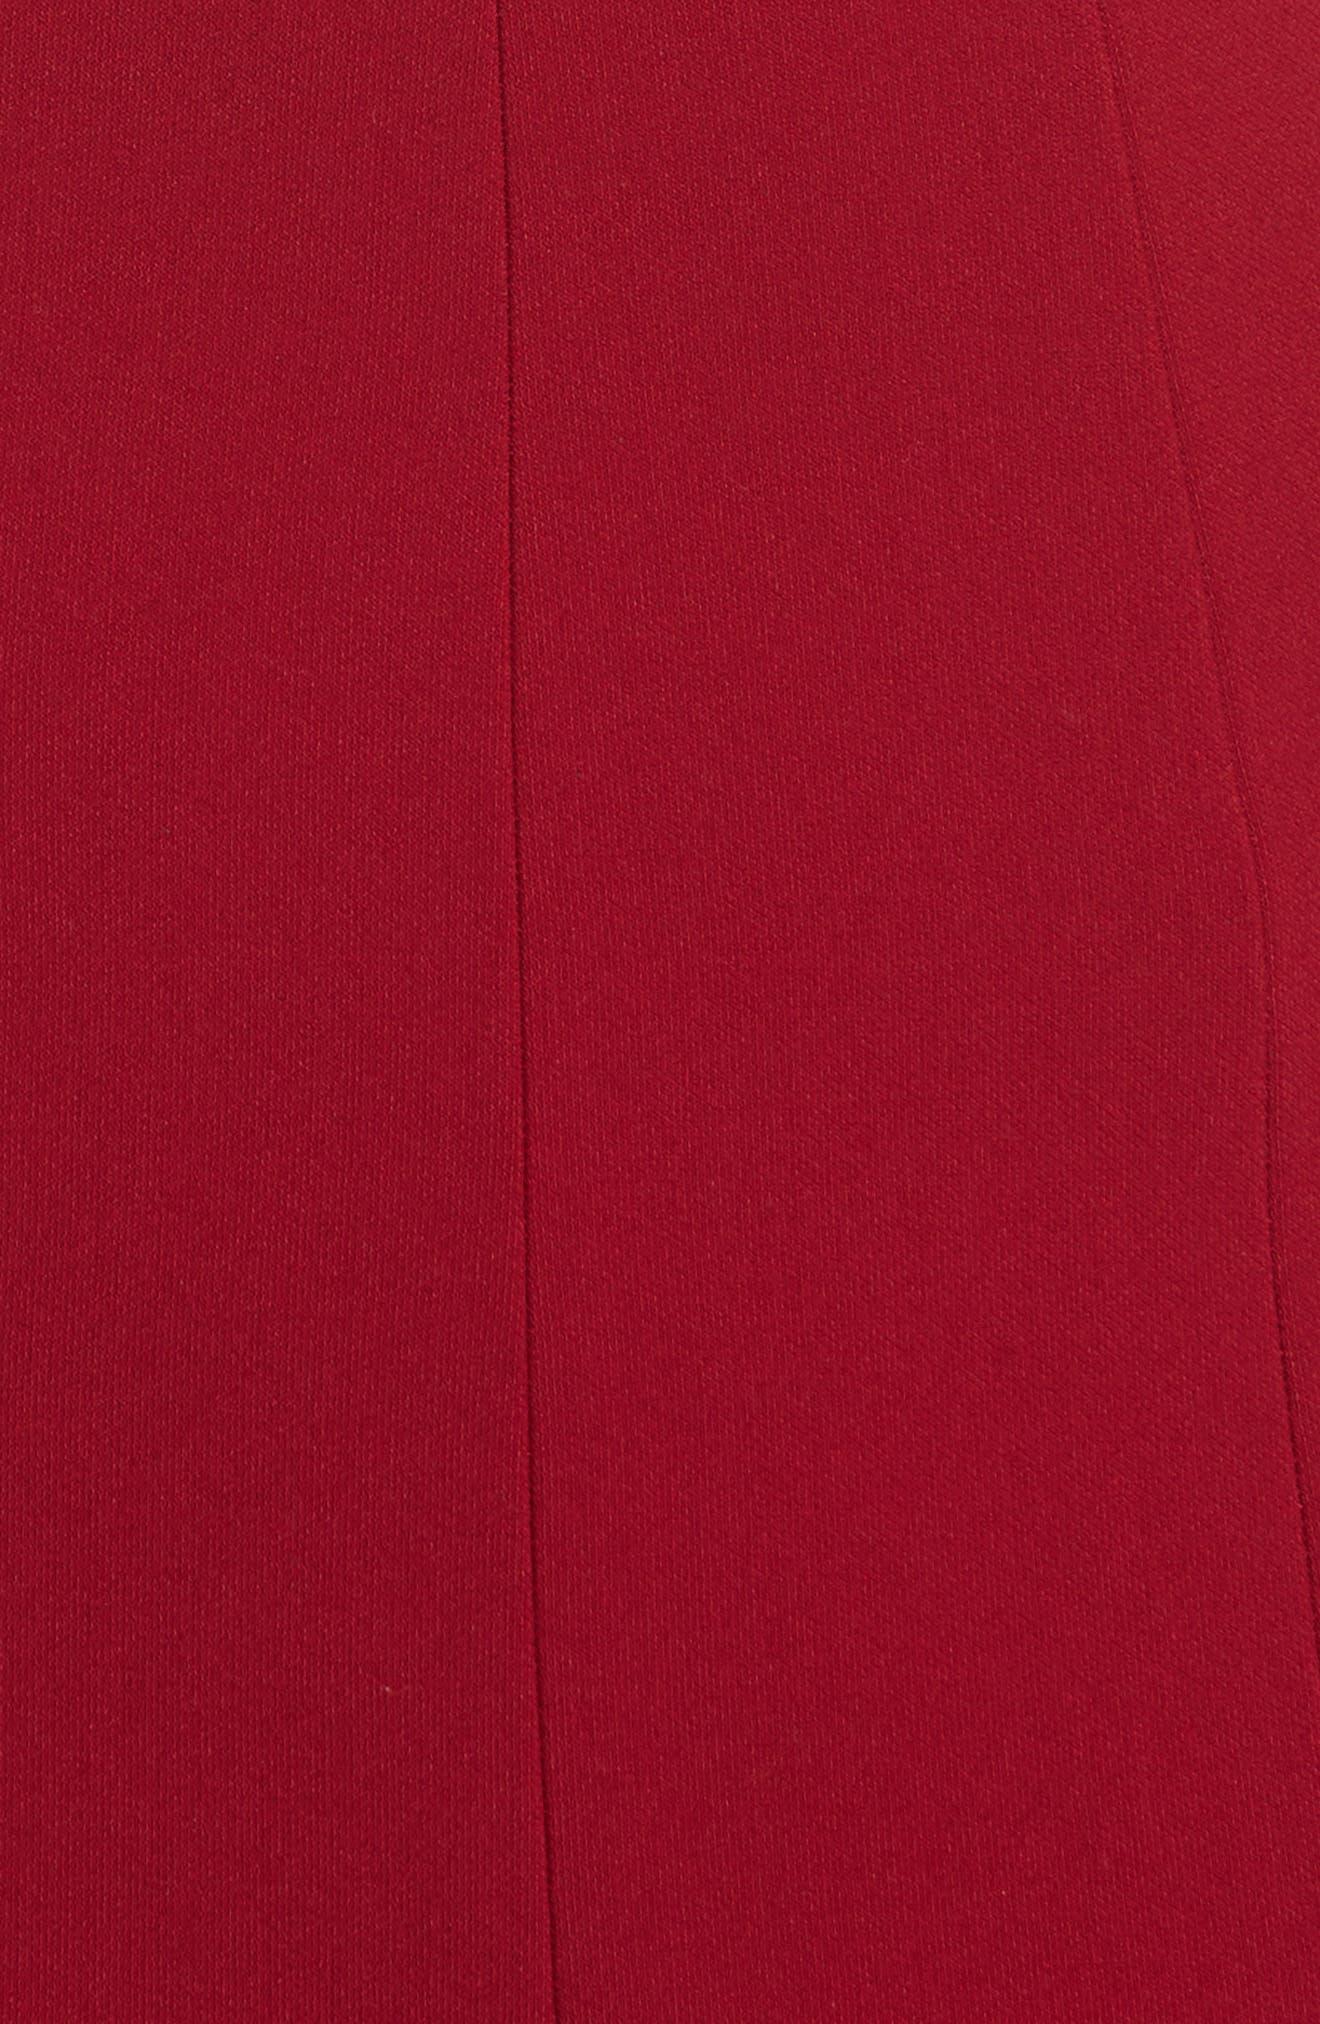 Rooney Flare Hem Dress,                             Alternate thumbnail 15, color,